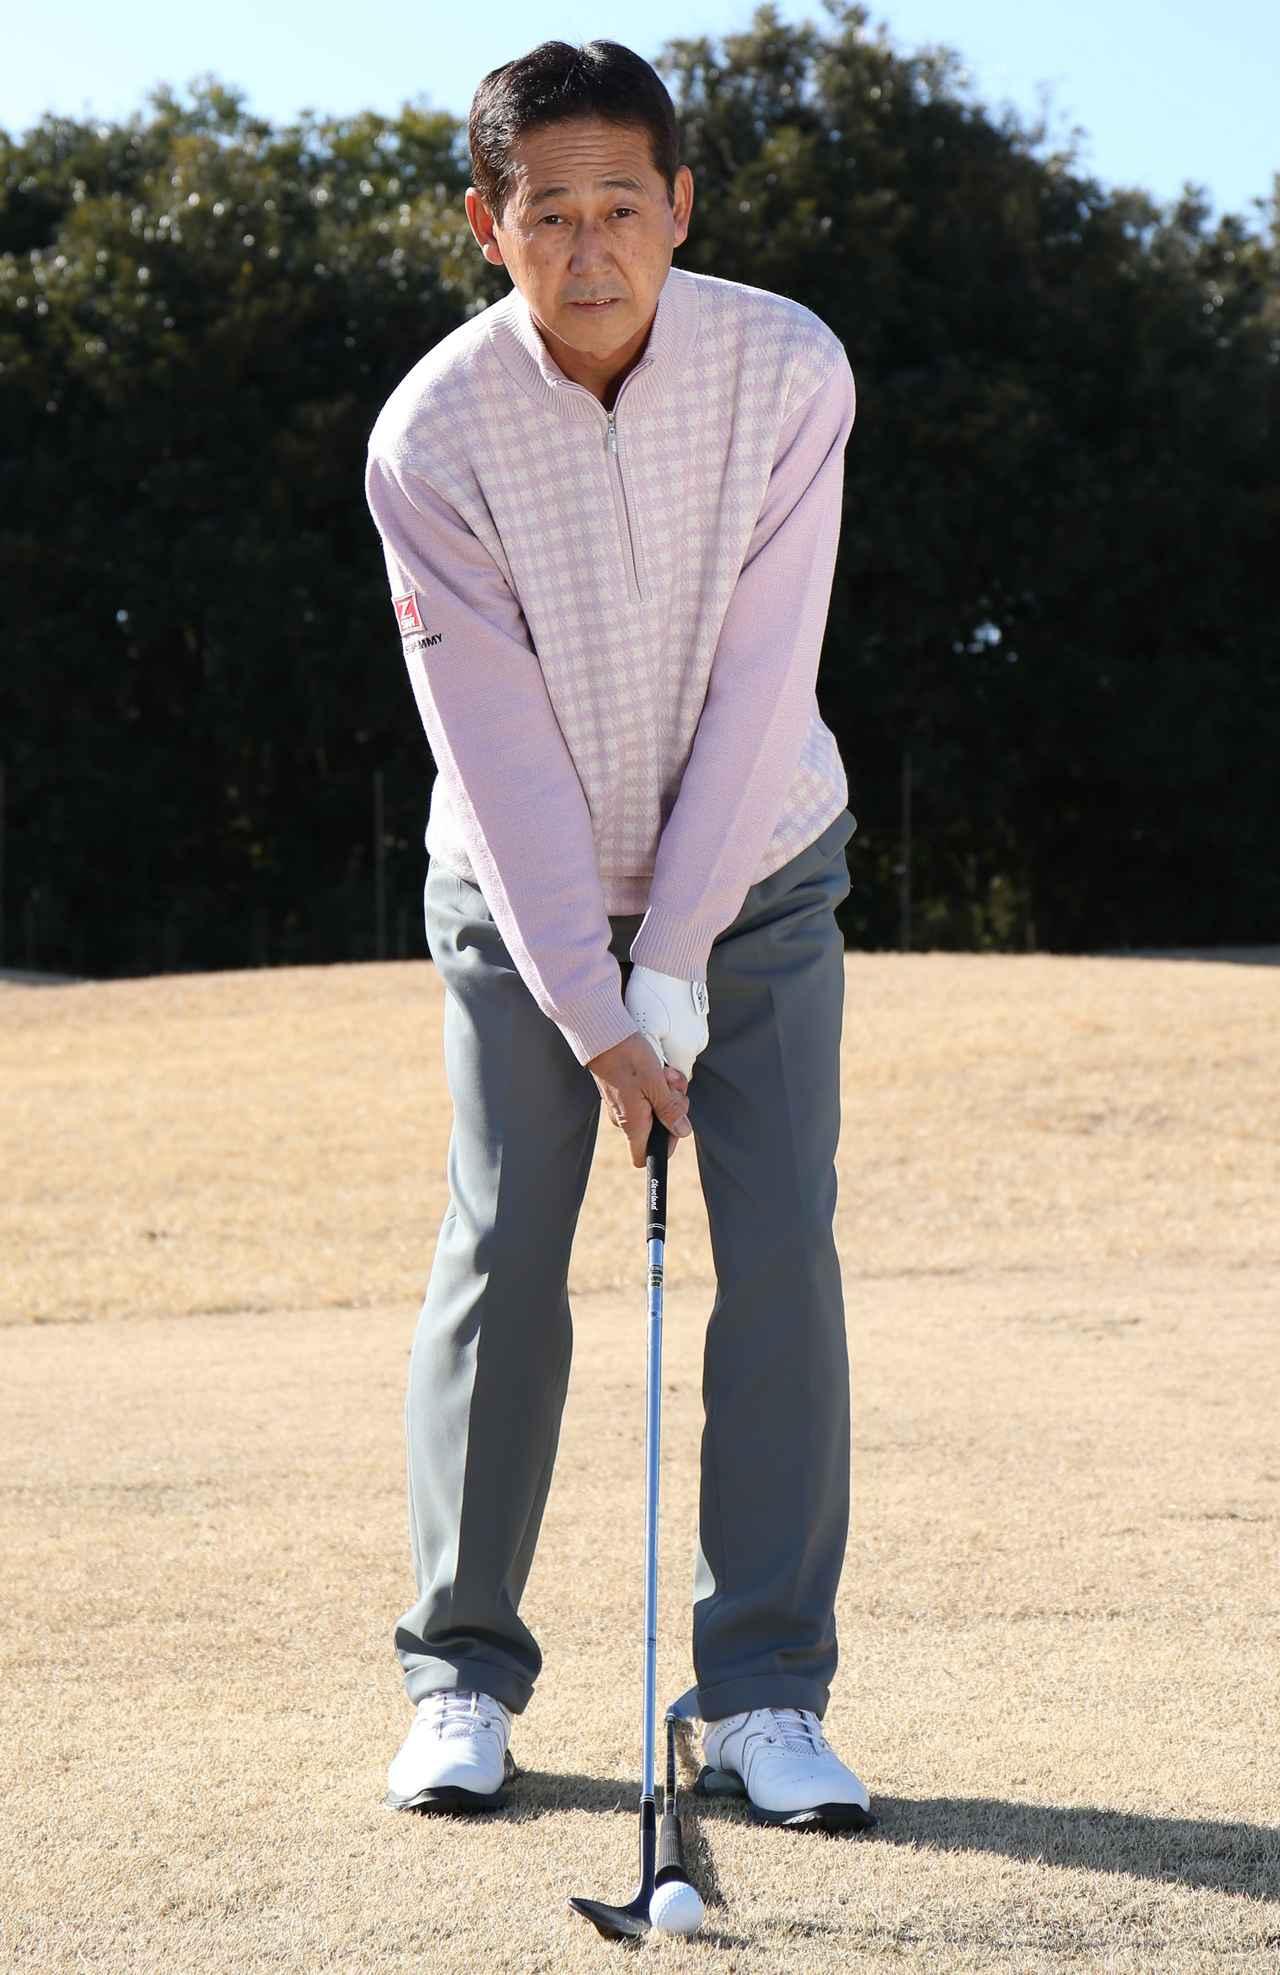 画像: 左へ振るには、球は左足かかと線上にセットしよう